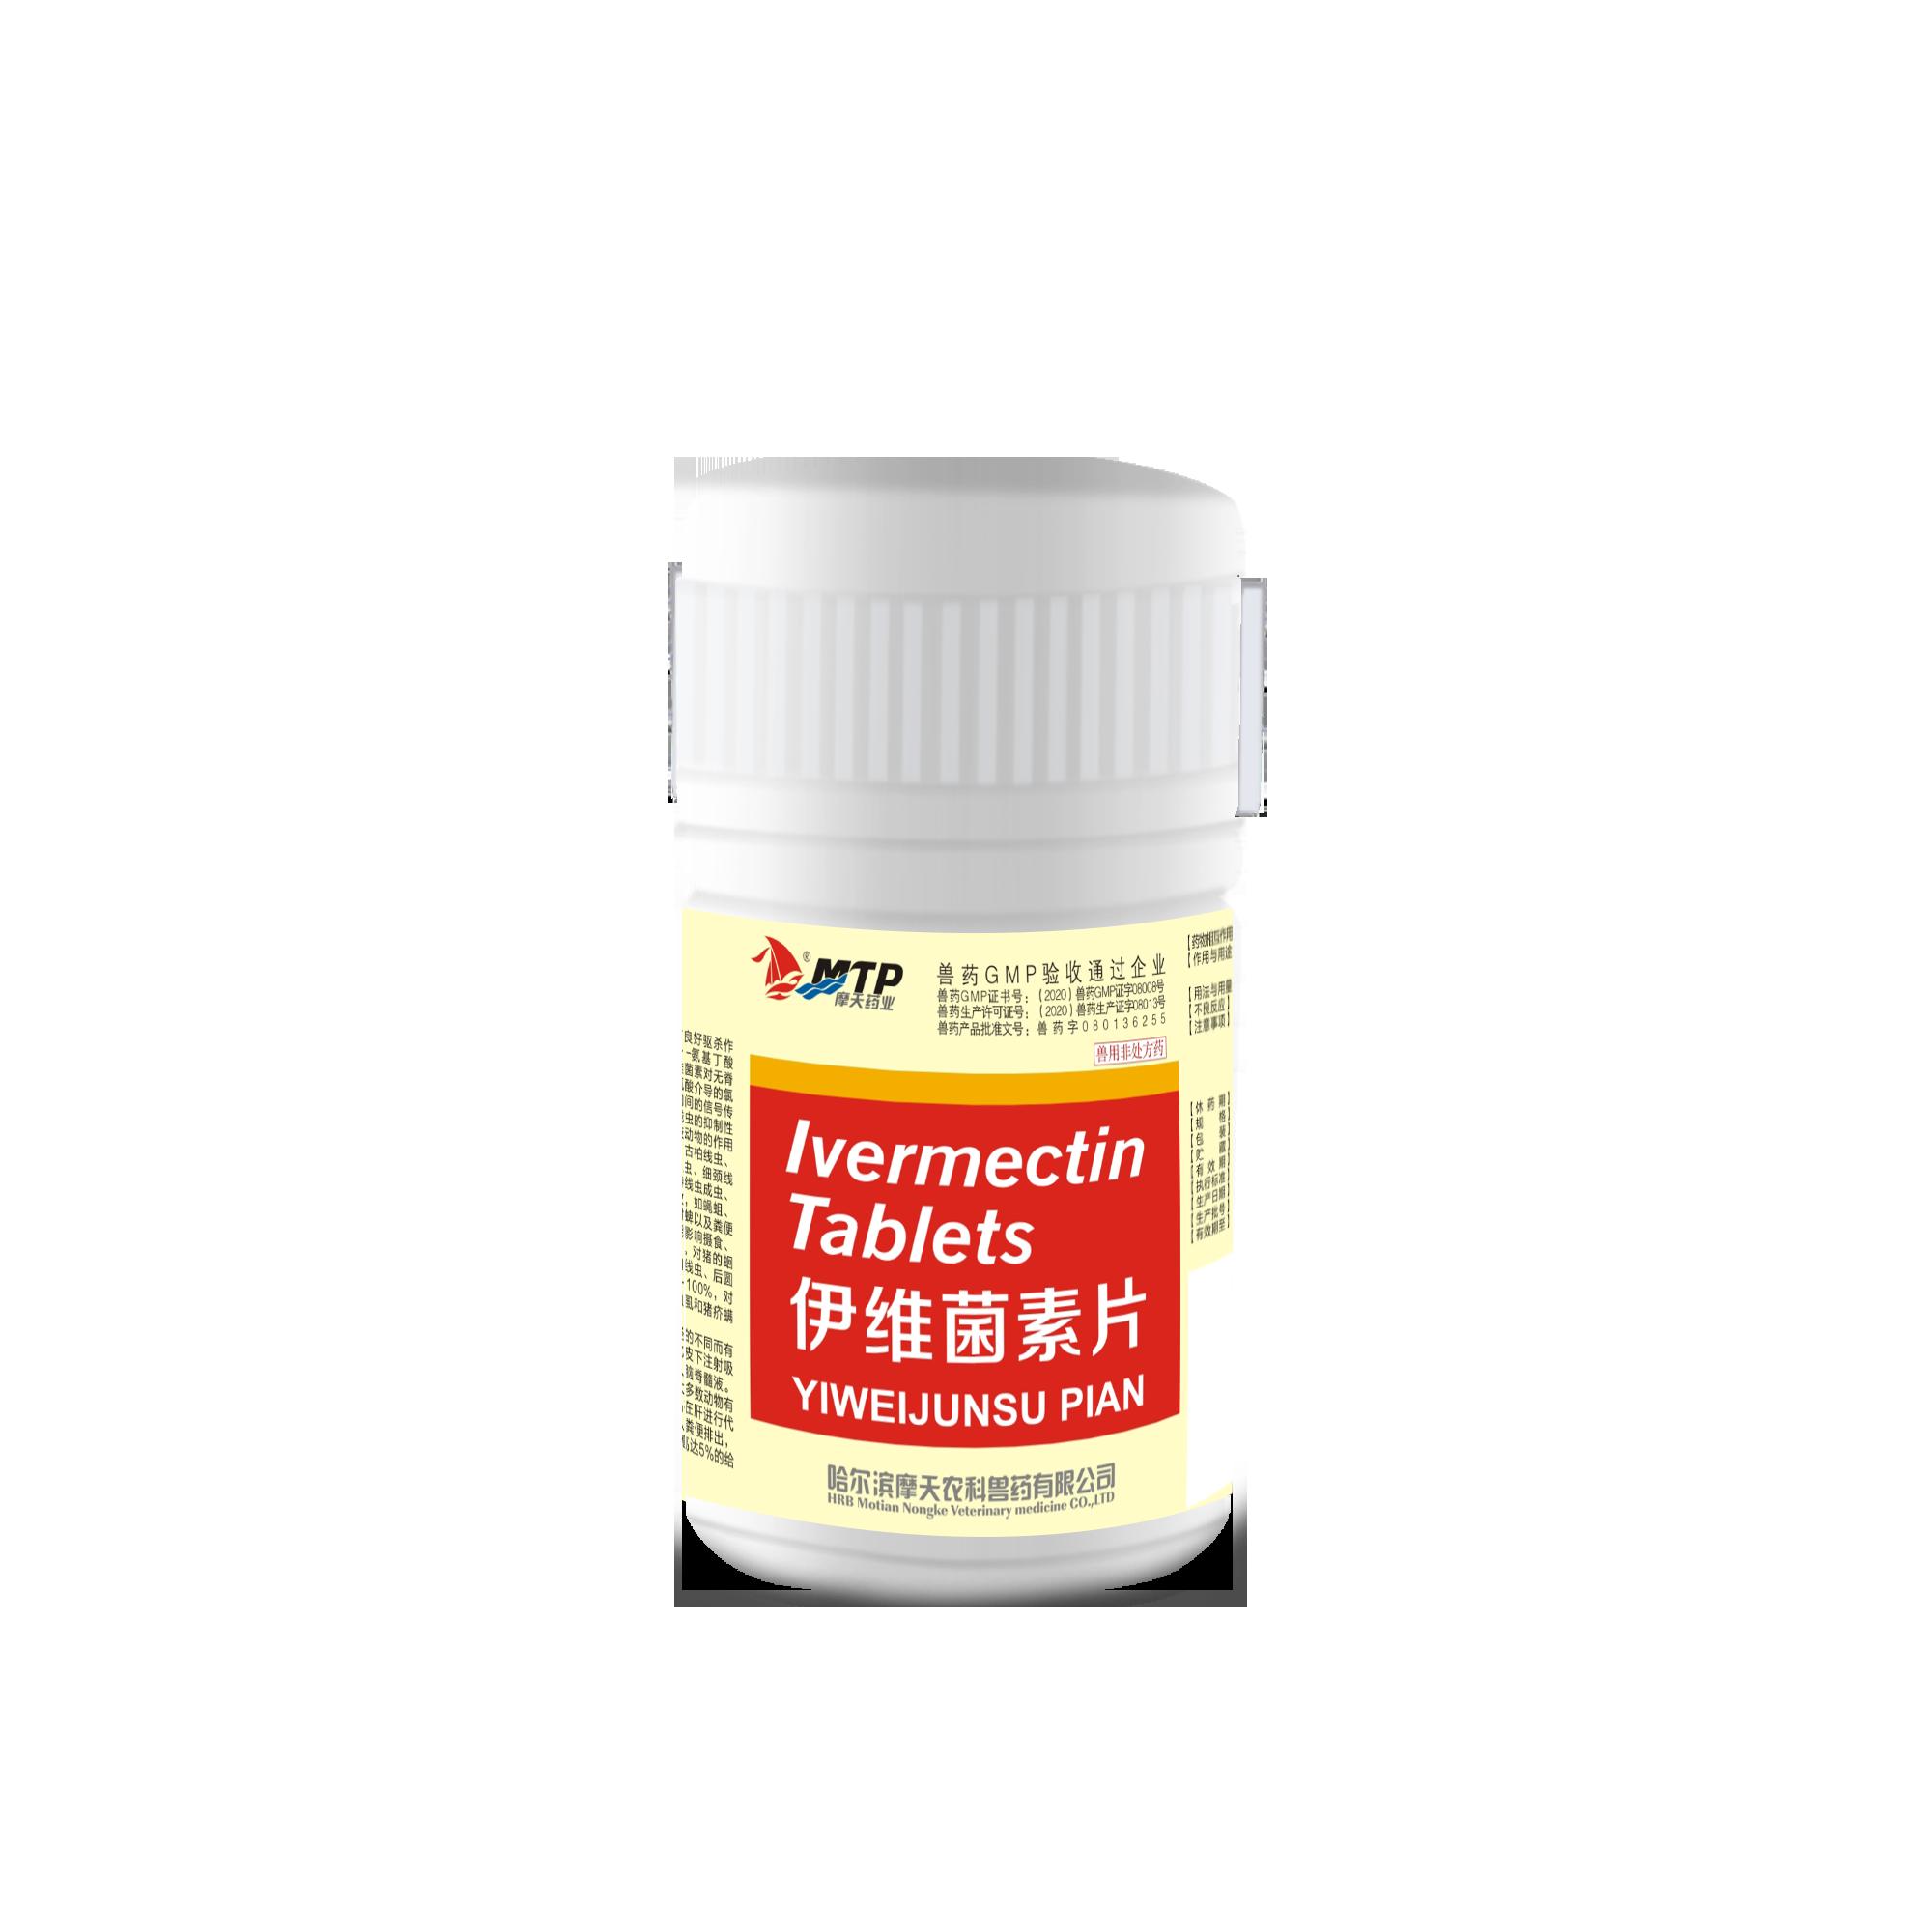 伊維菌素片